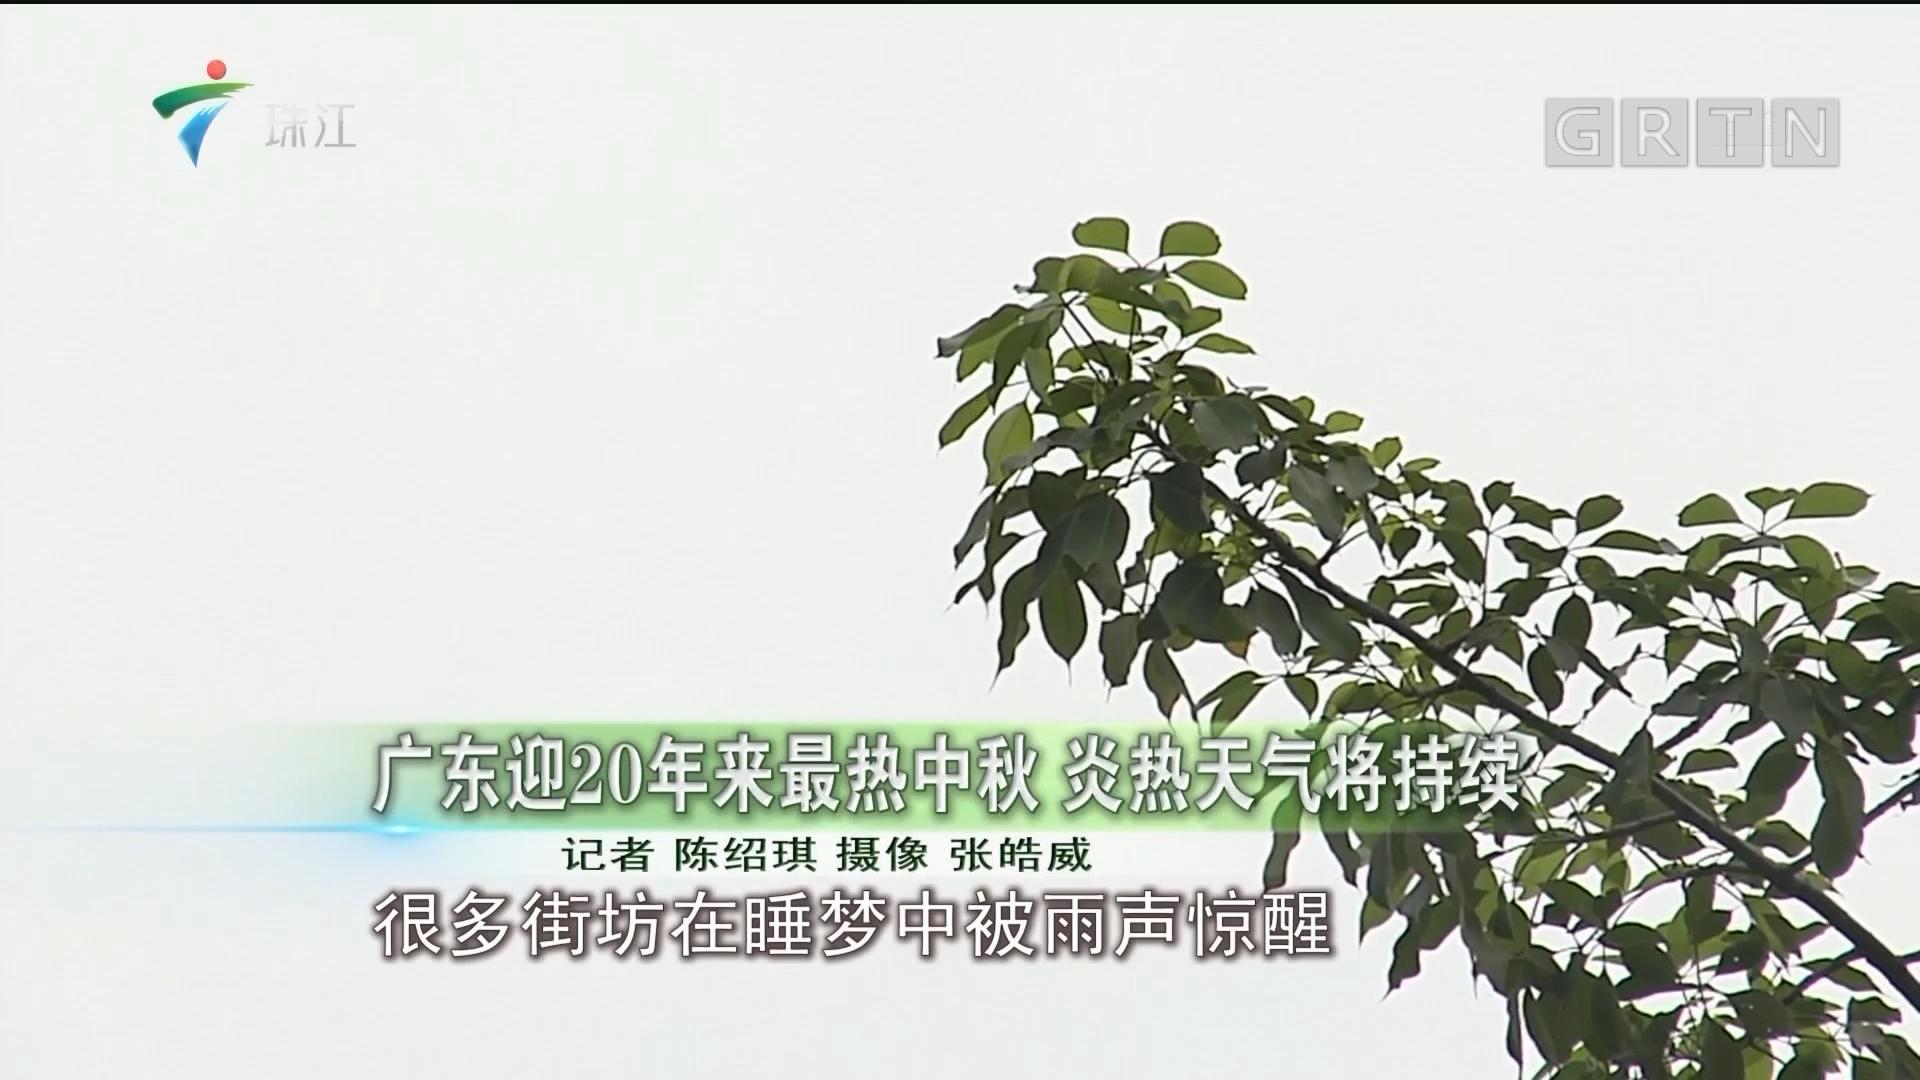 广东迎20年来最热中秋 炎热天气将持续